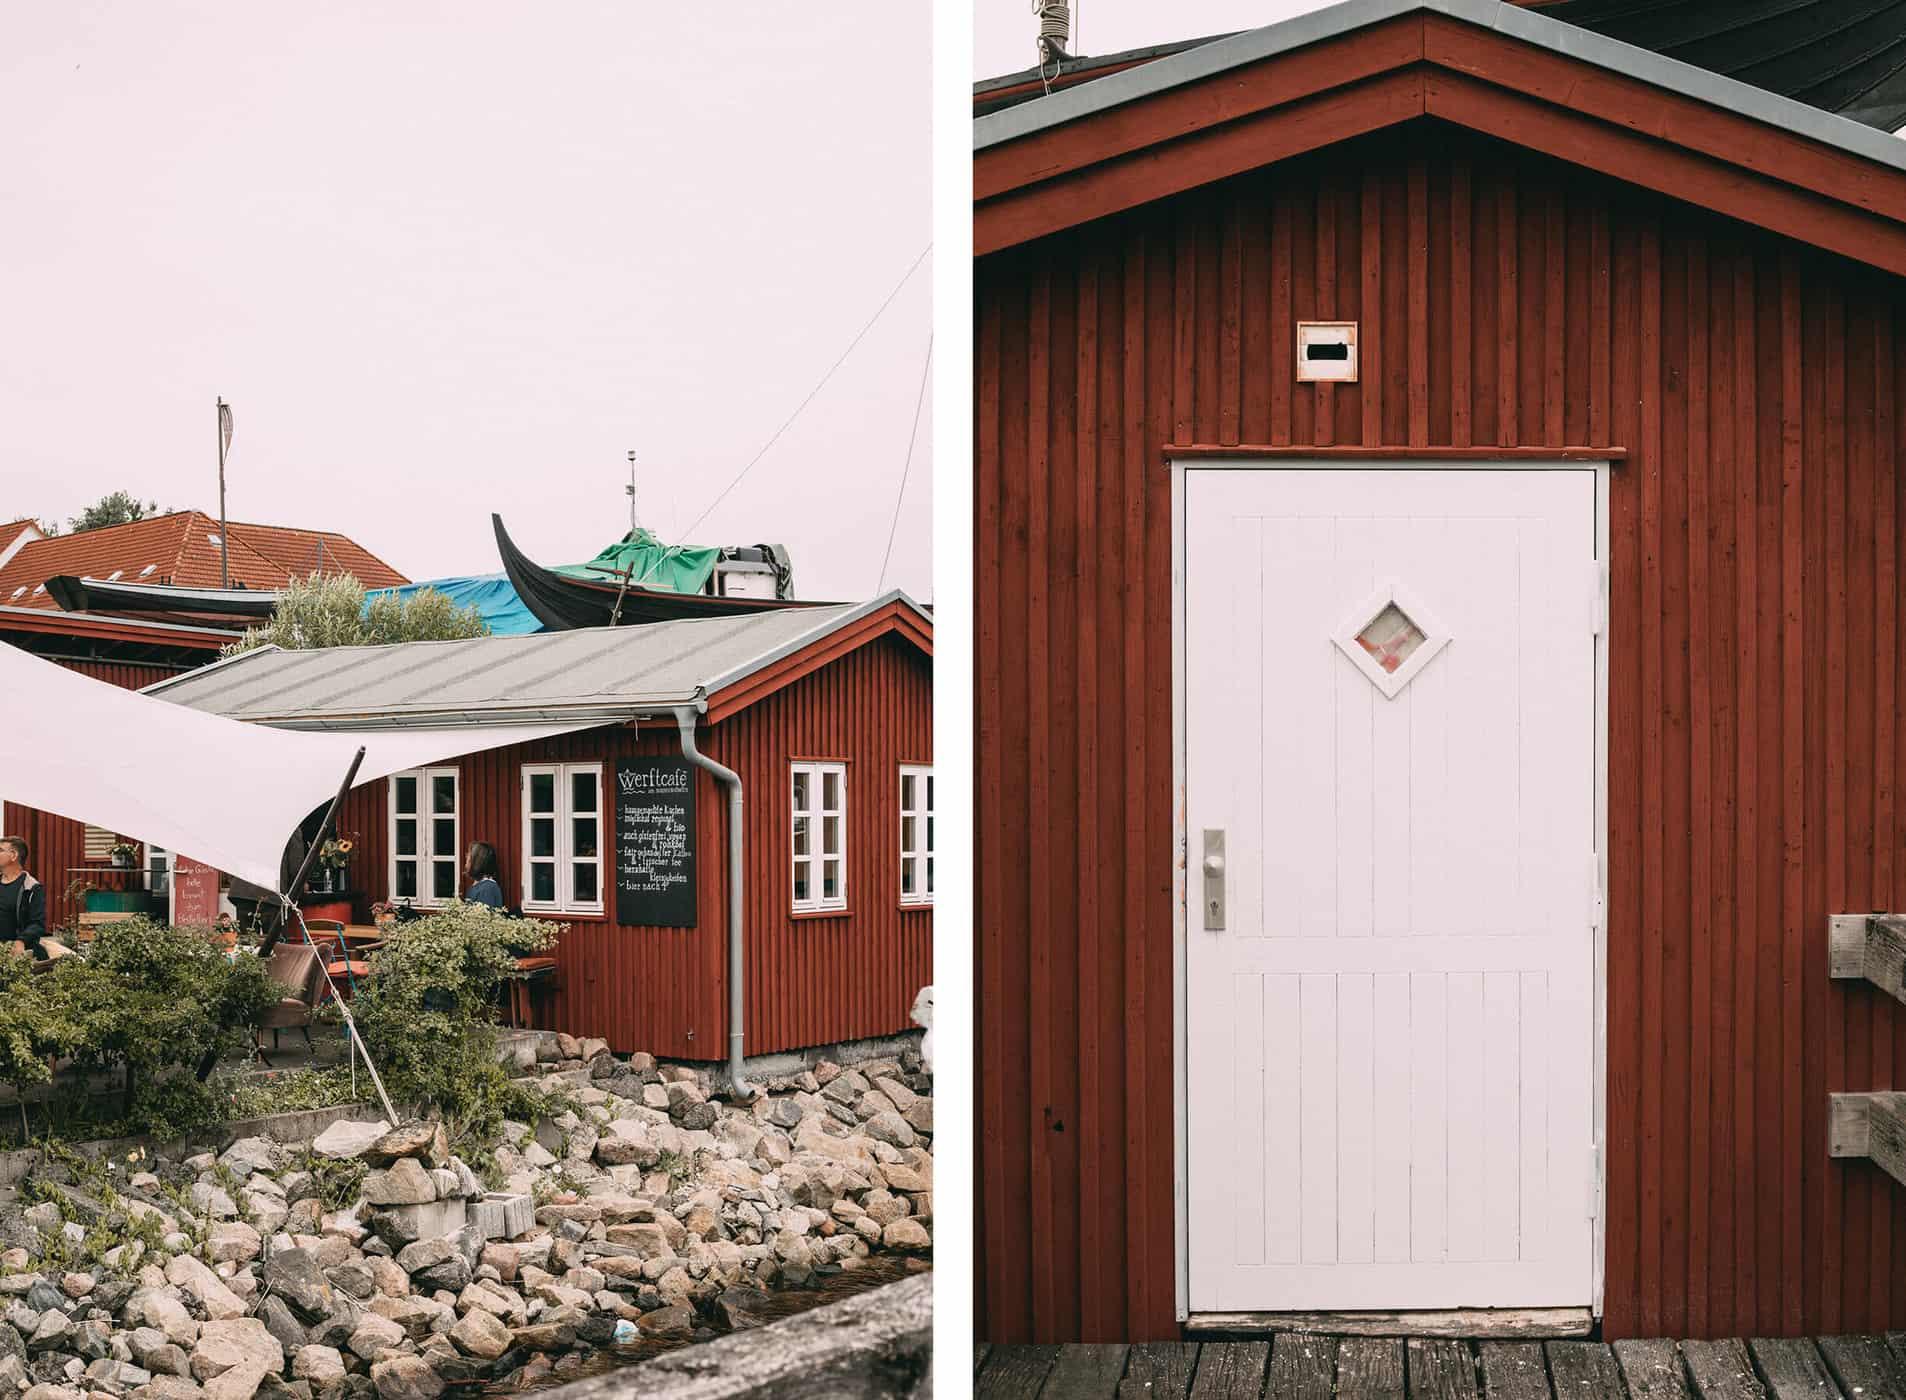 Ein Tagesausflug nach Flensburg: Museums-Werft